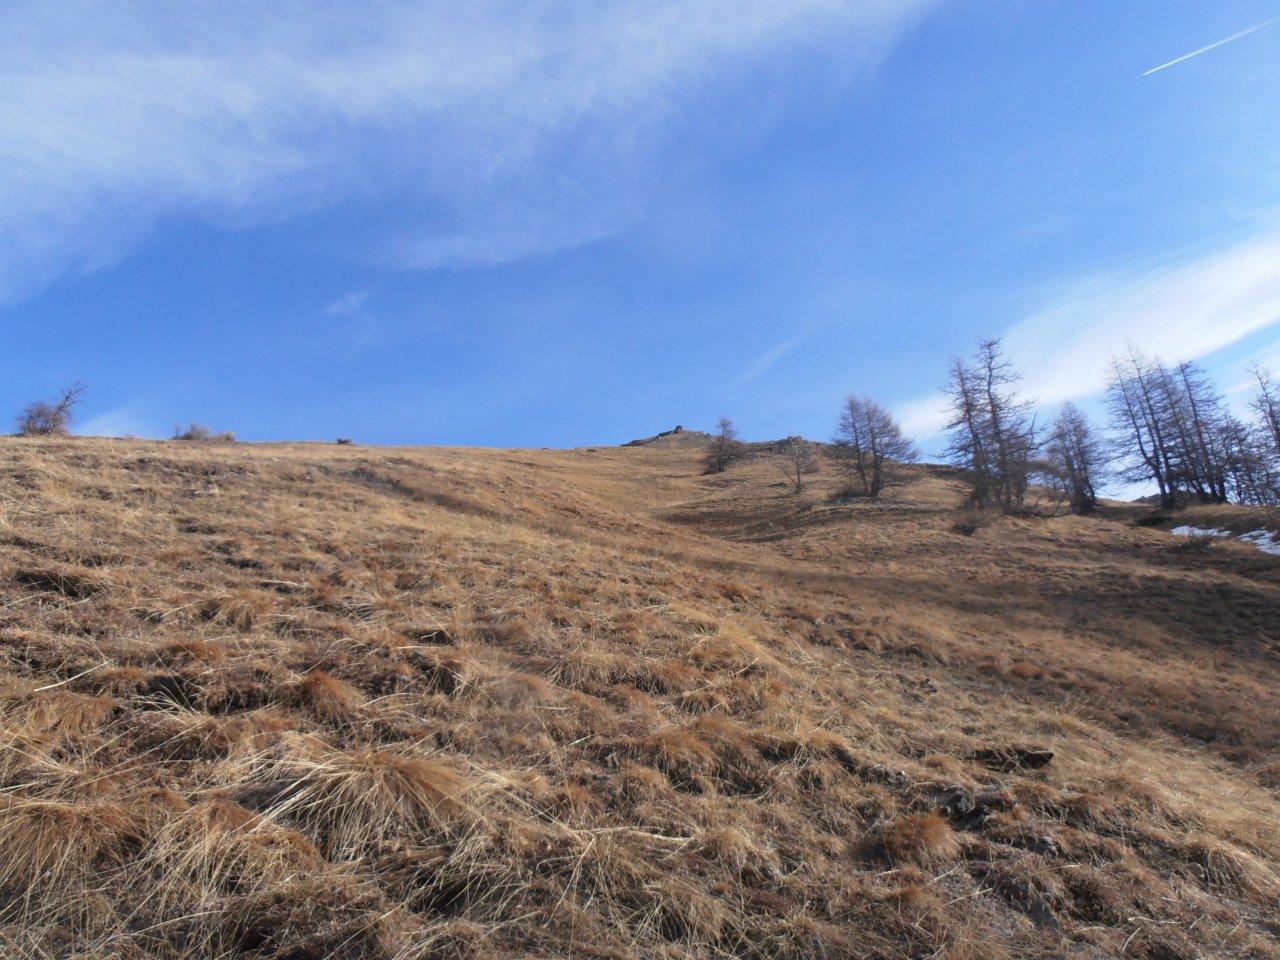 05 - praterie basse, mirare al grande ometto di pietra lungo la cresta